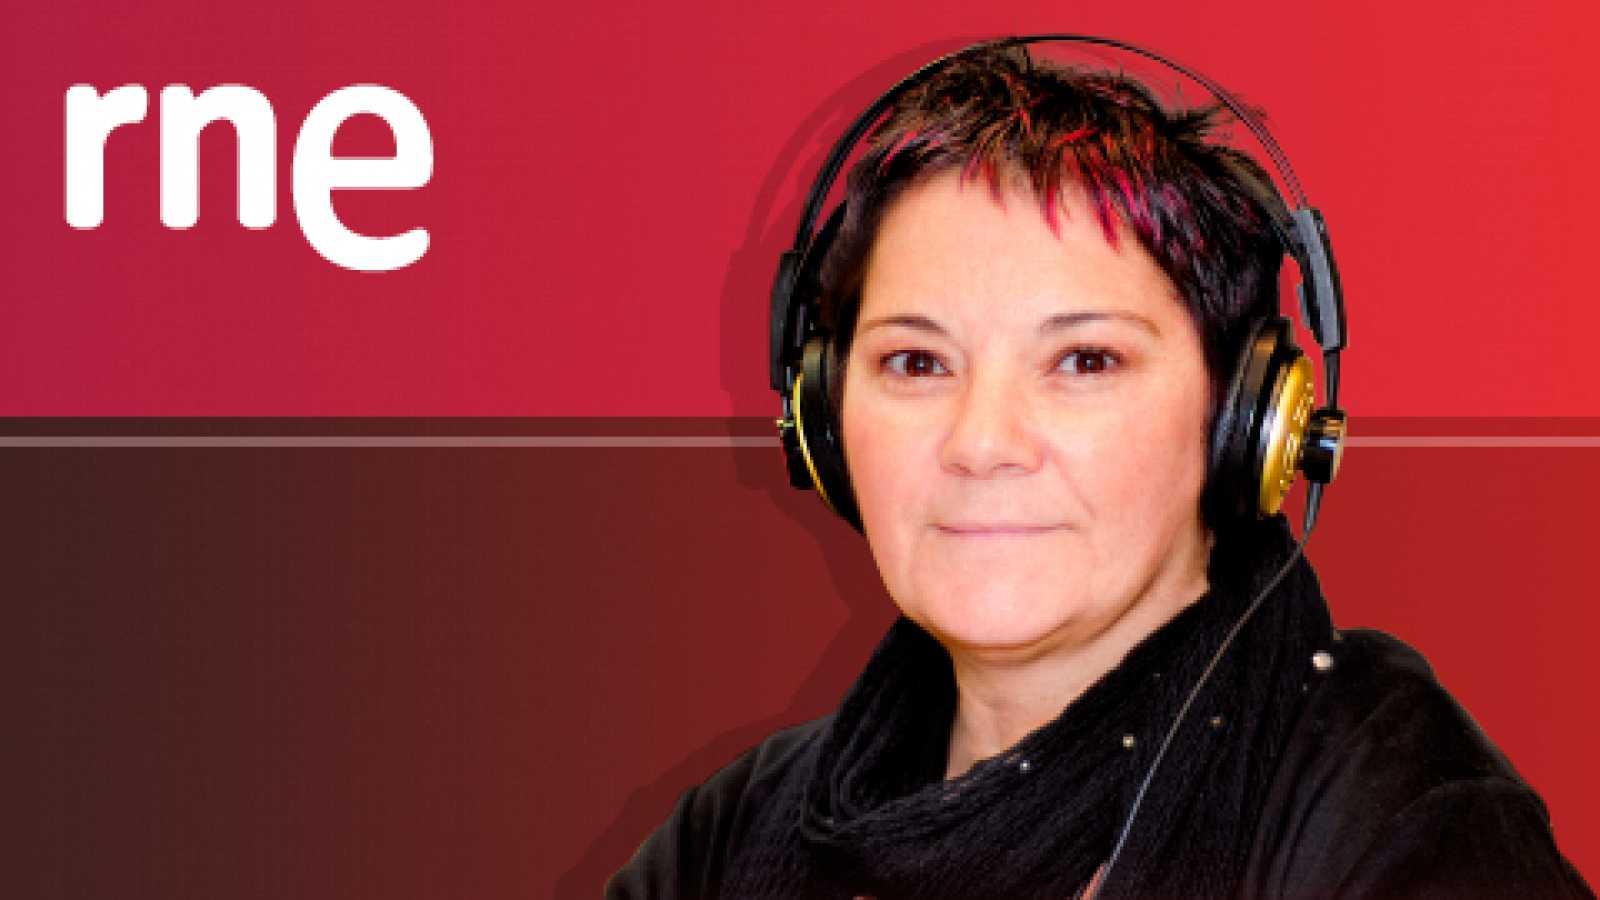 La noche en vela - Dra. Sonia Vidal - La menopausia y la 'pitopausia'